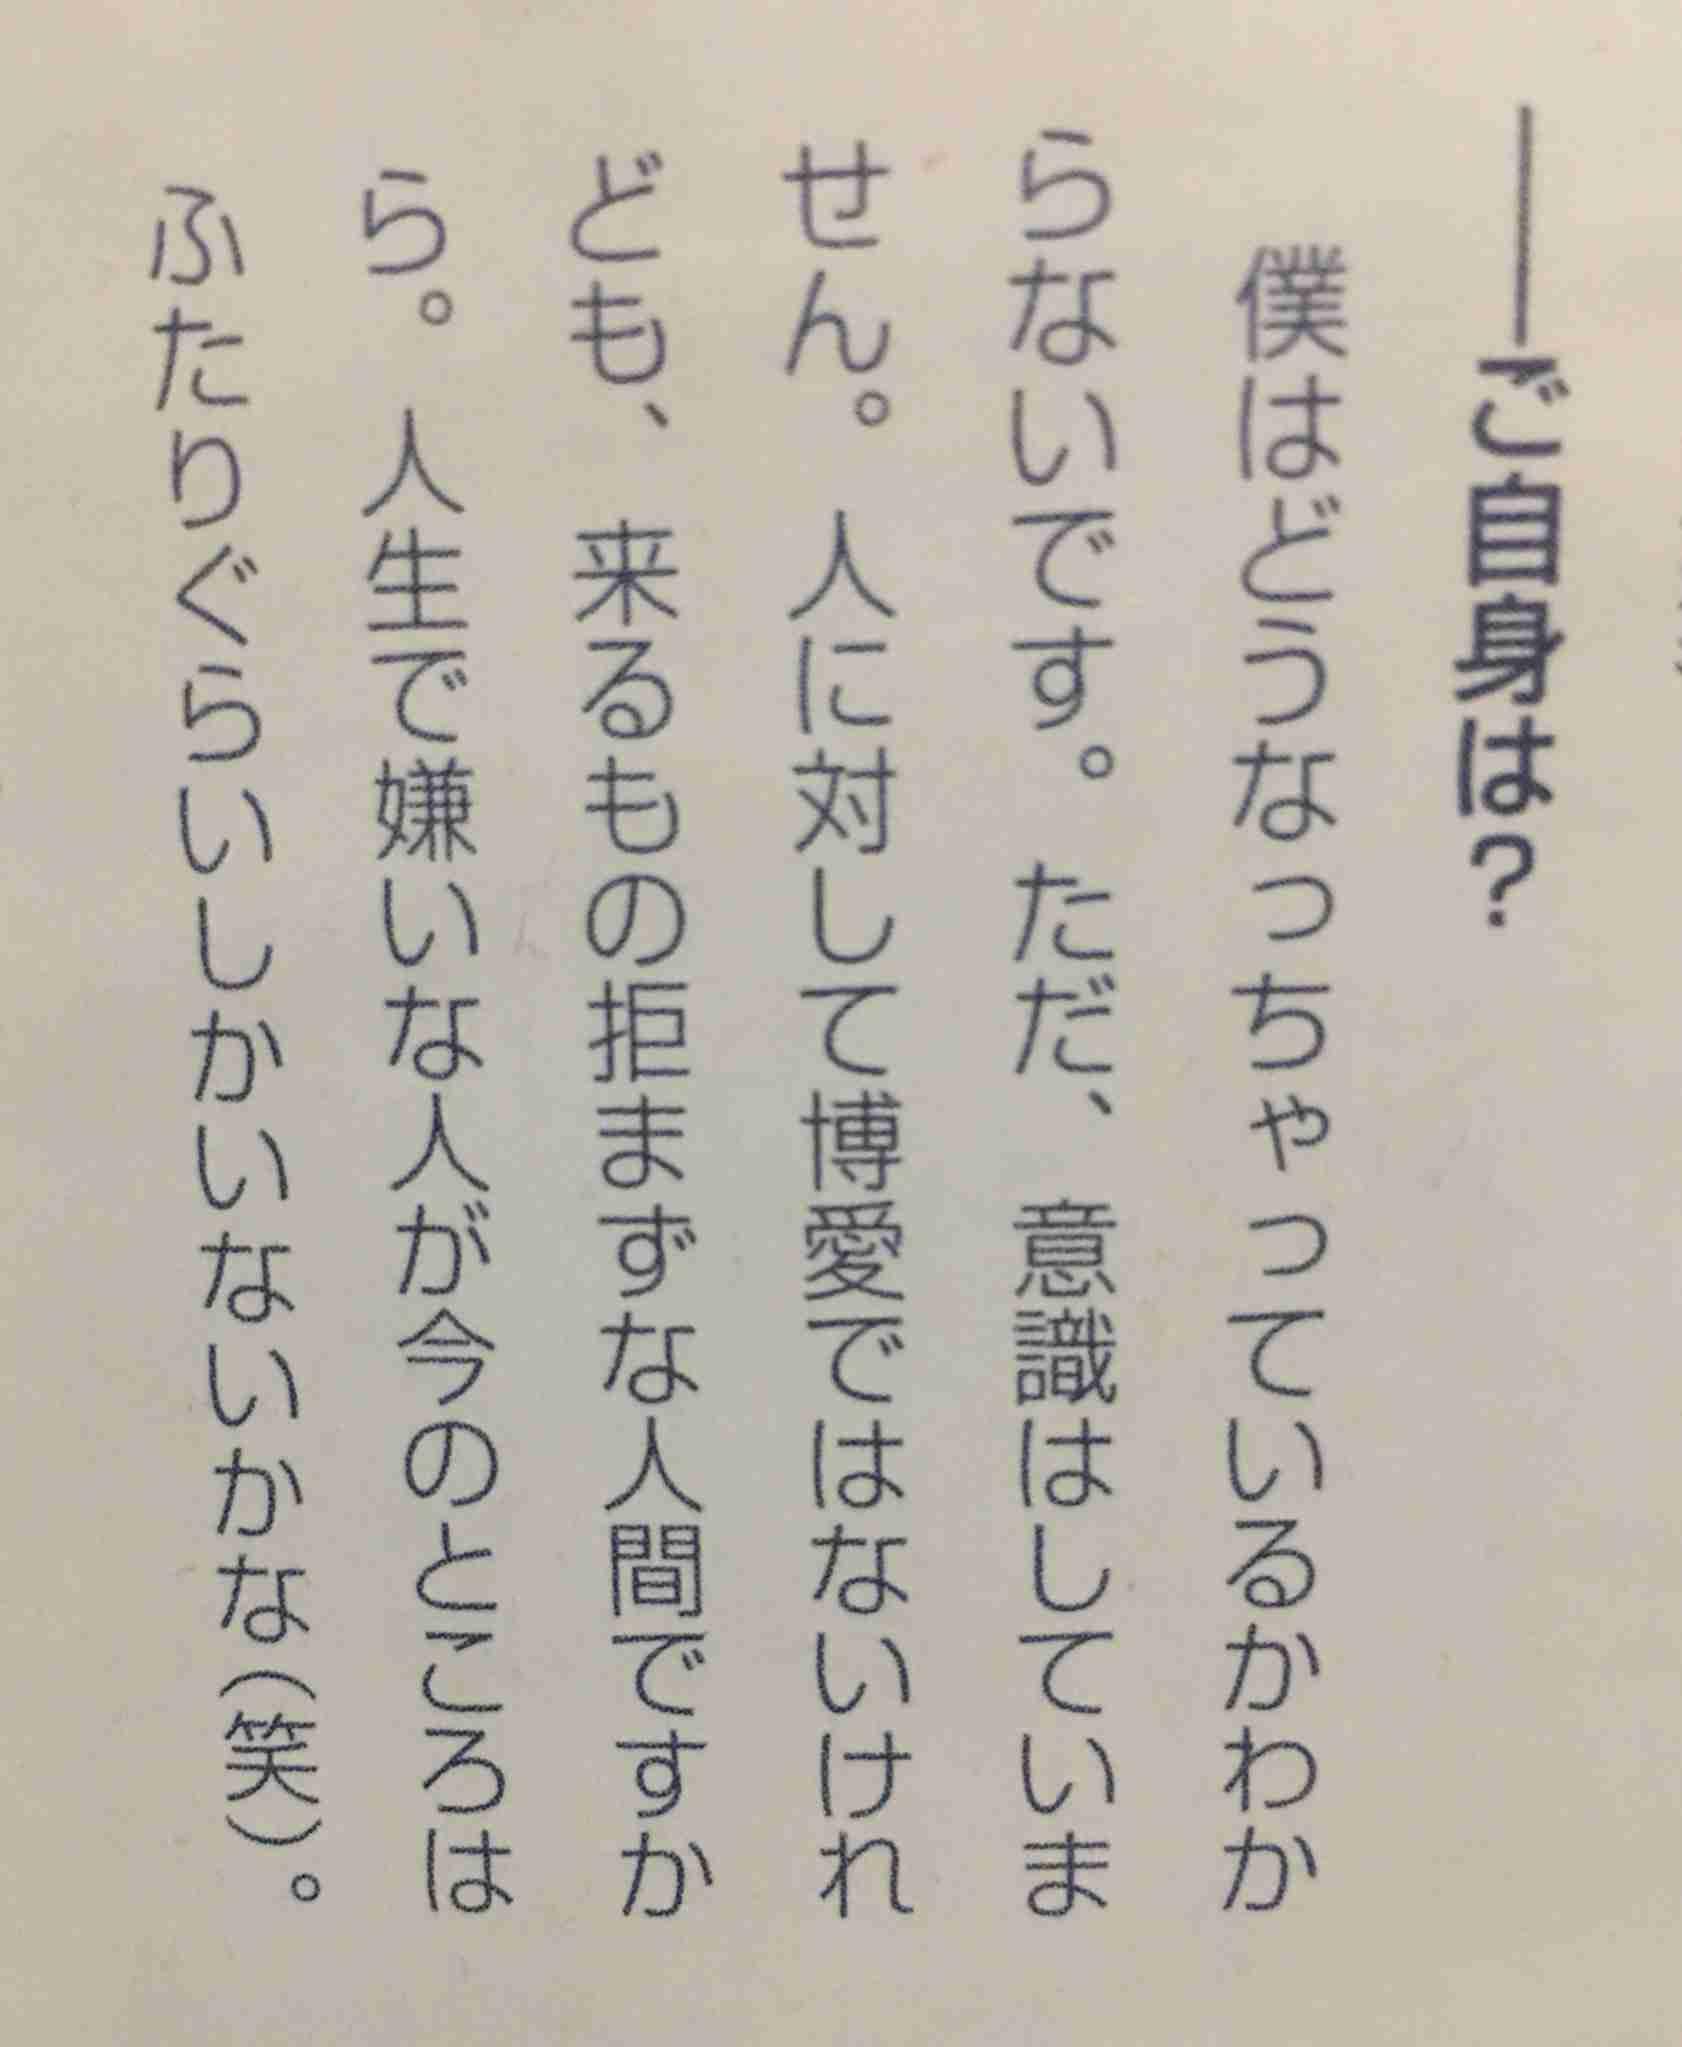 """綾野剛、""""結婚観""""に影響「小栗旬も向井理も山田孝之もみんな…」"""